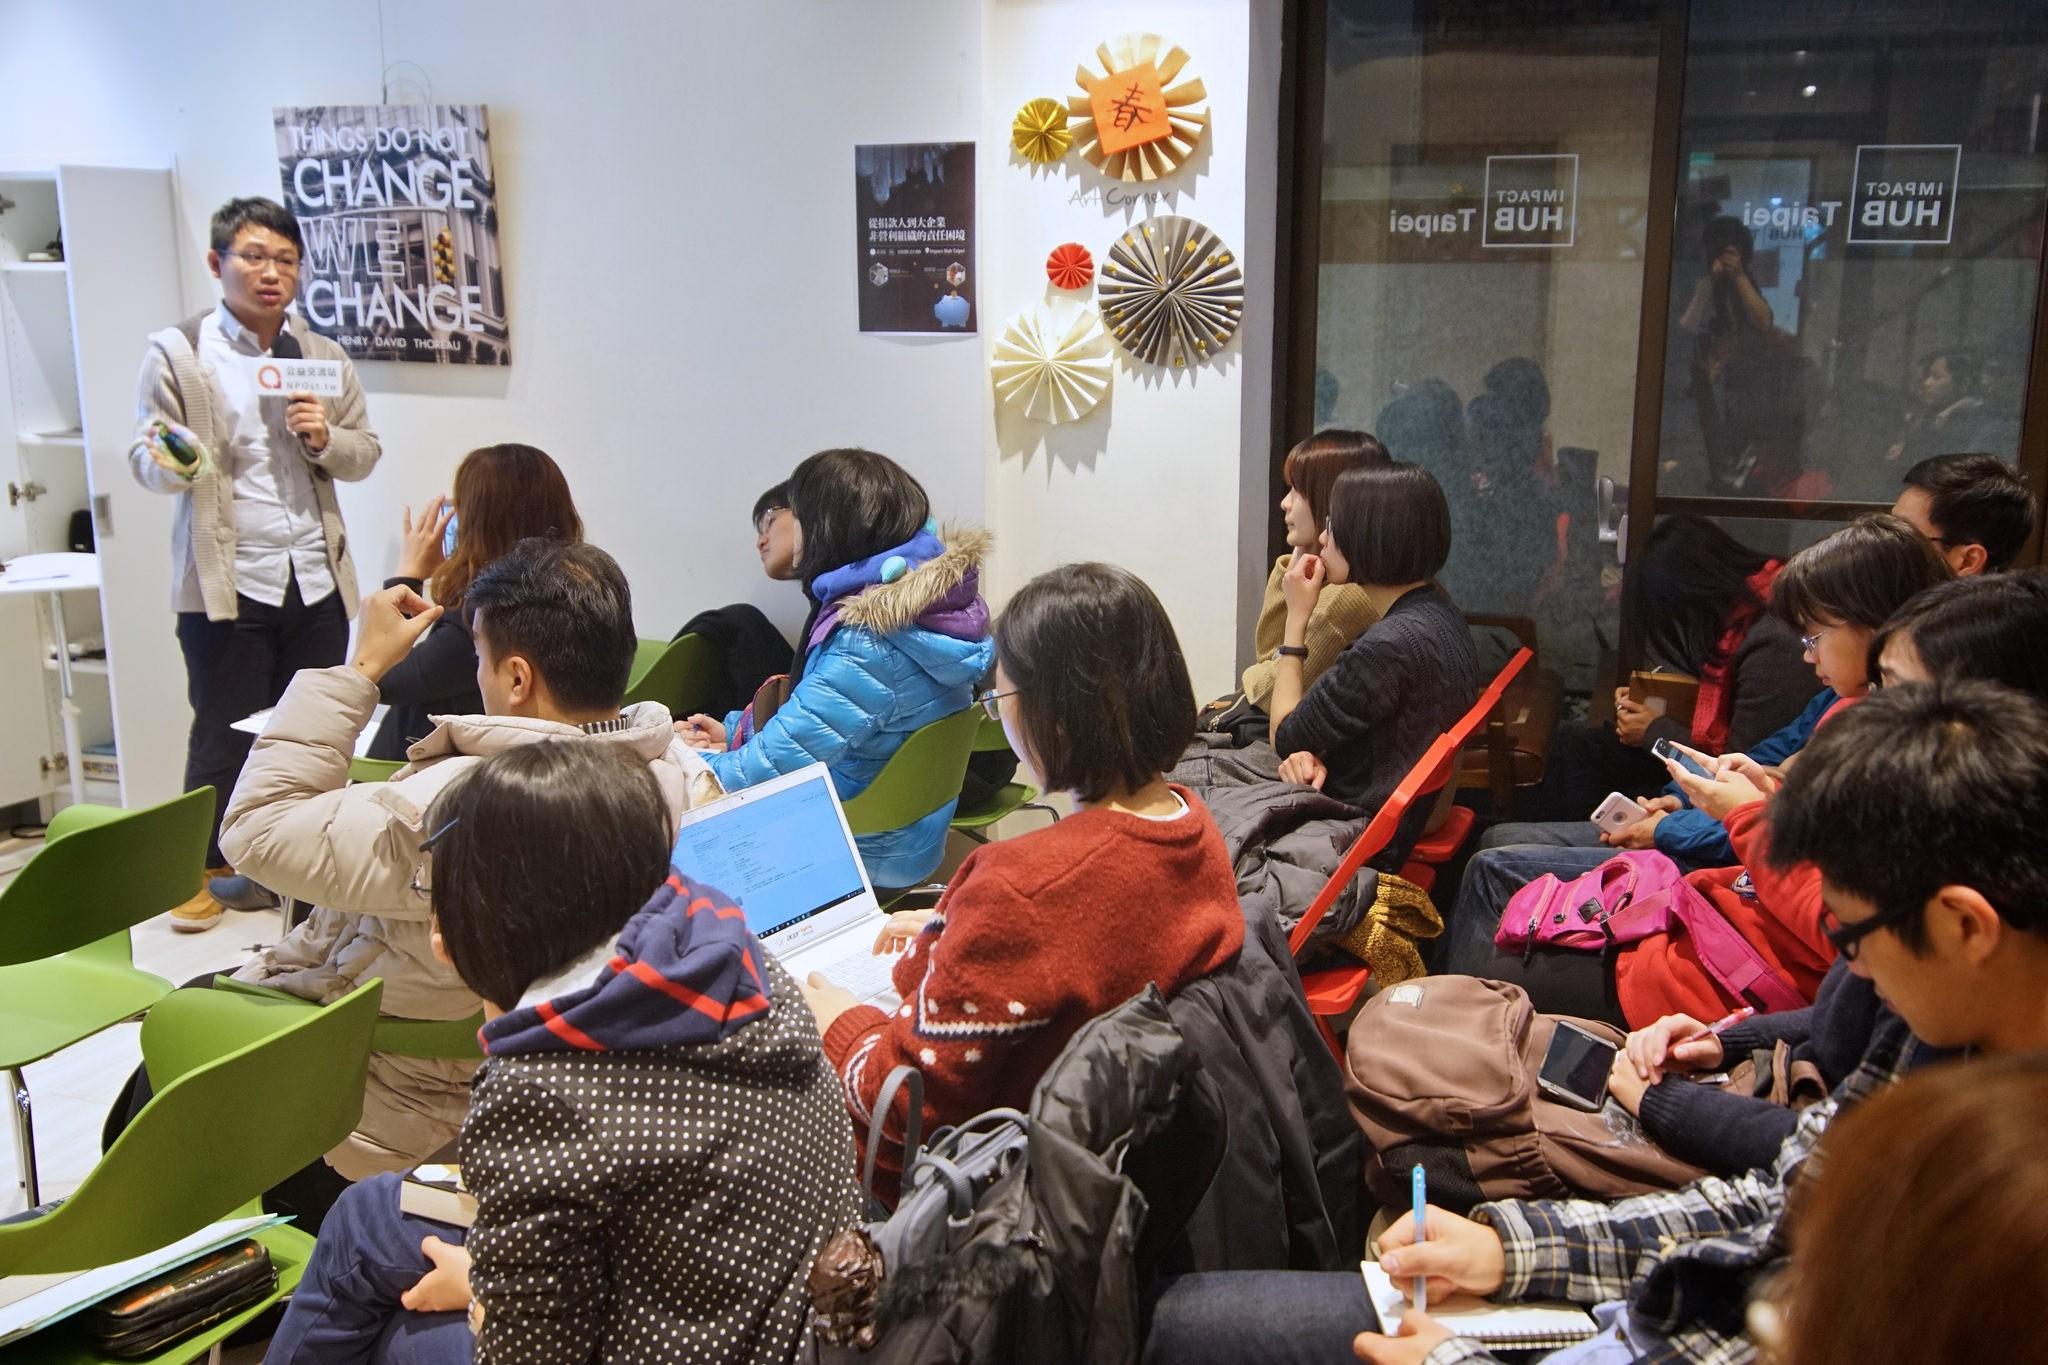 綠色公民行動聯盟理事趙家緯,於公益爆米花#32「從捐款人到大企業,非營利組織的責任困境」演講